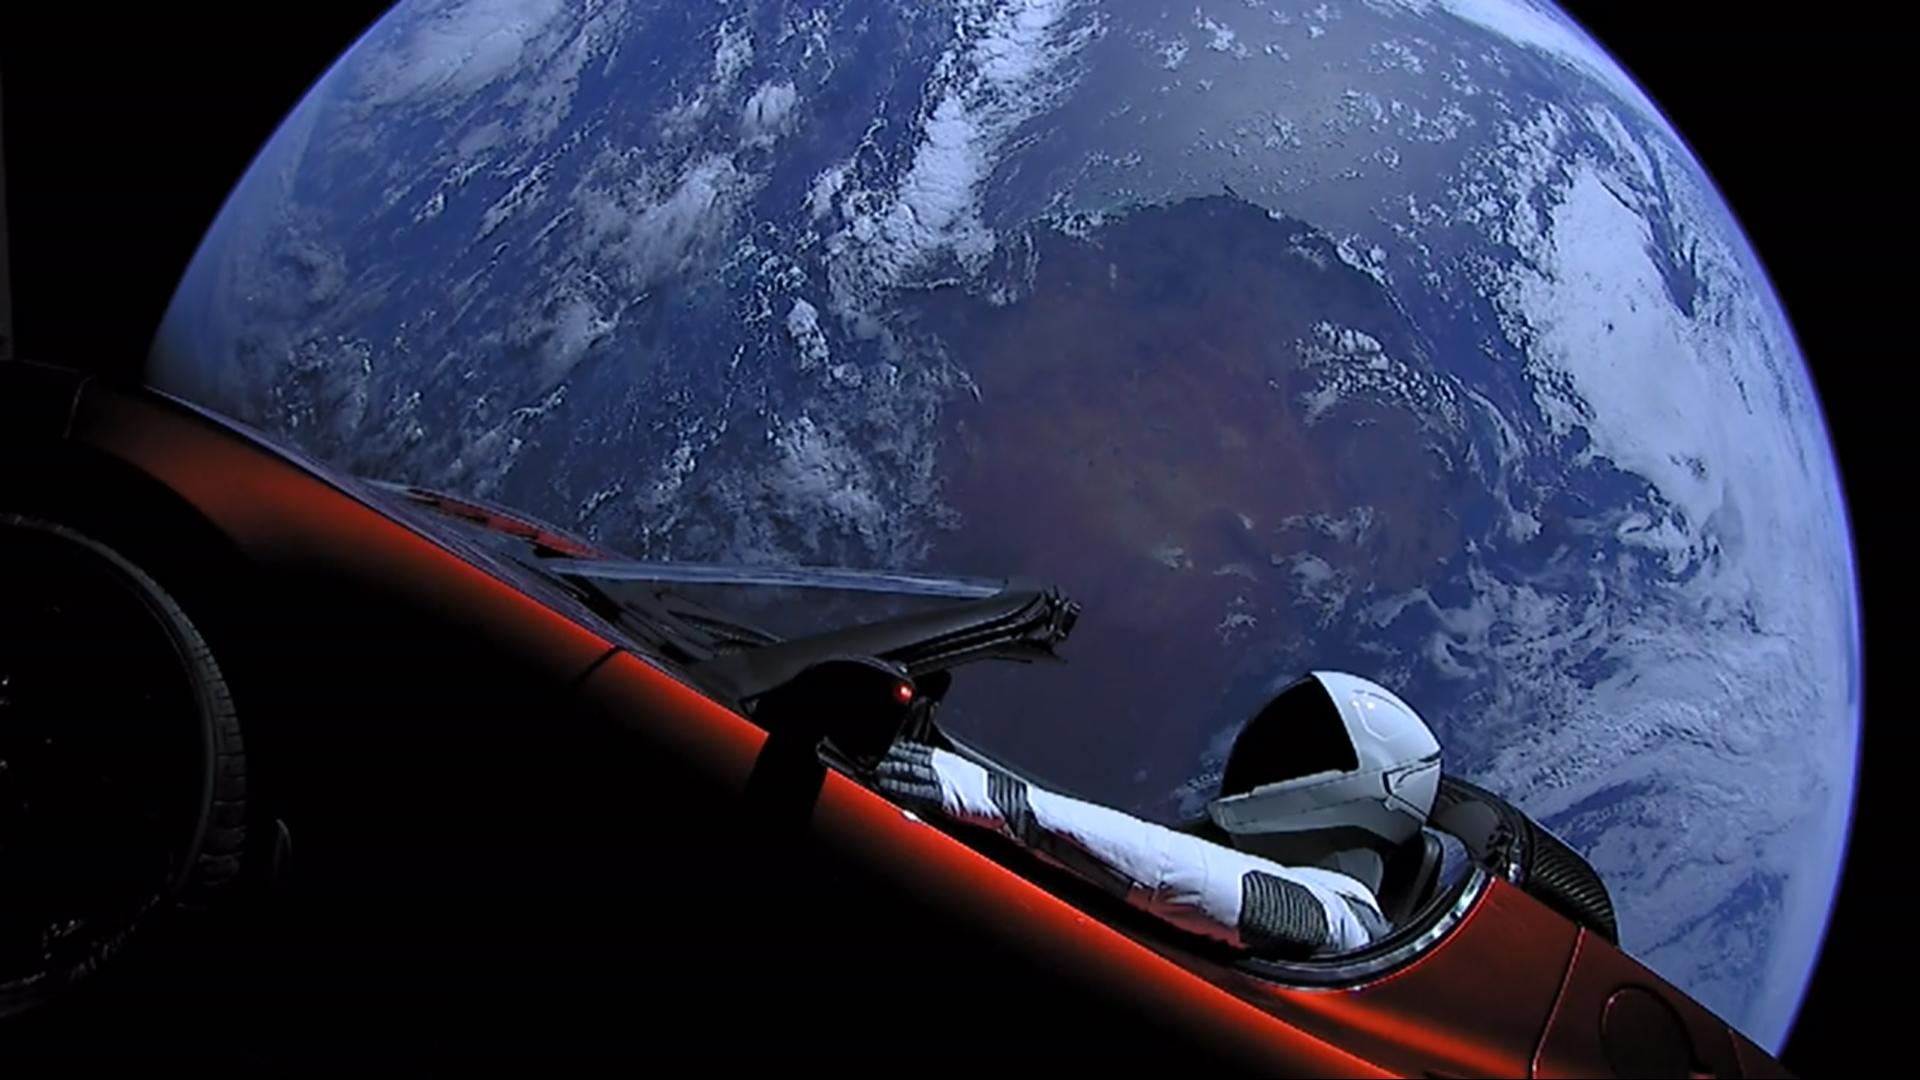 Elon_Musk's_Tesla_Roadster_(40143096241).jpg